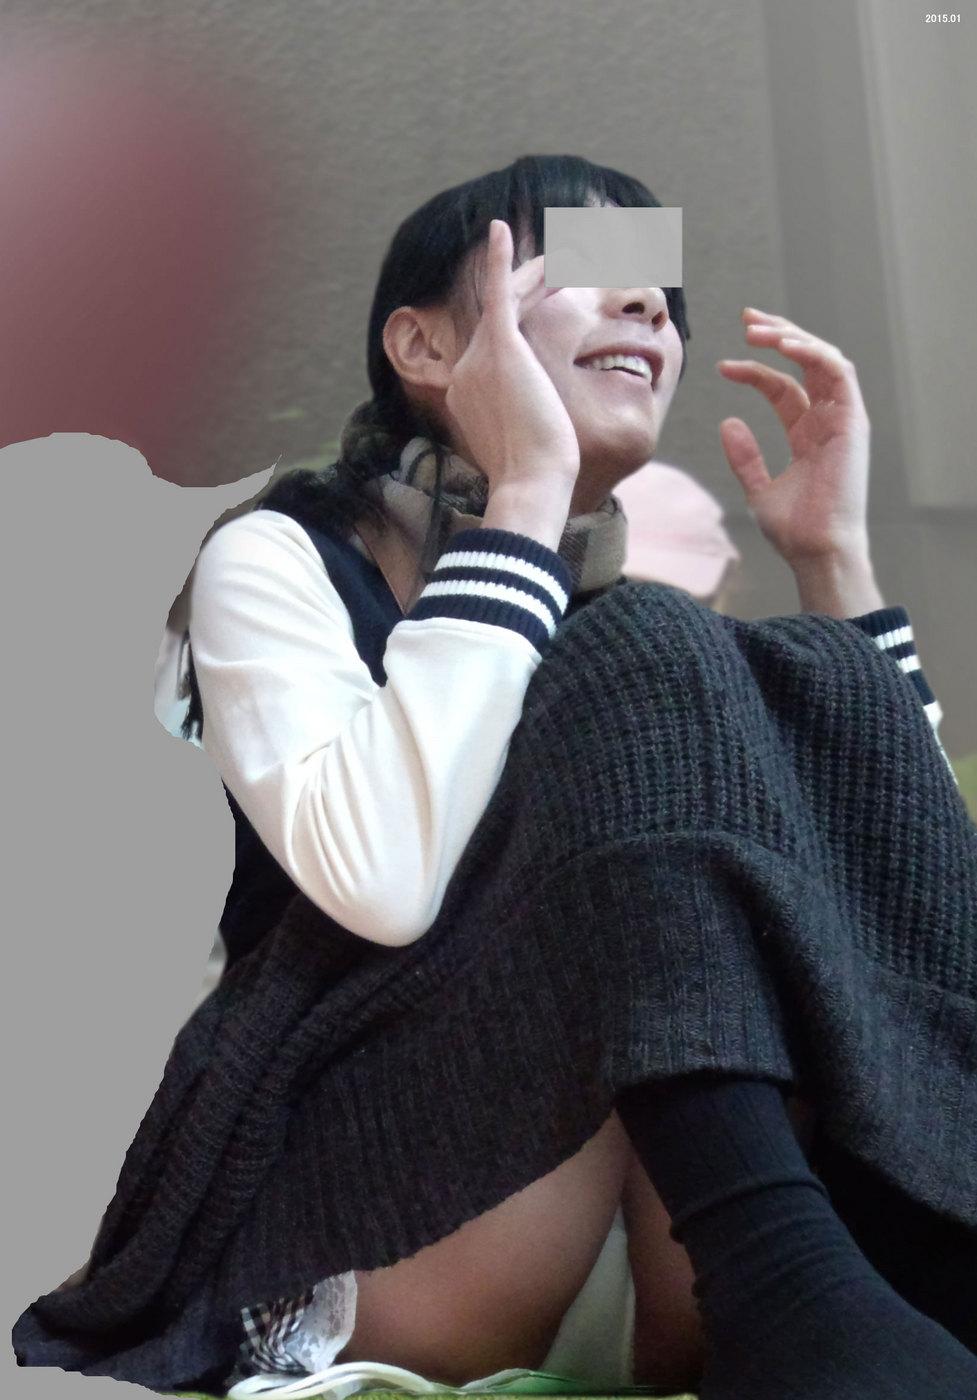 【パンチラエロ画像】下着バレた程度じゃ動じないw素人さんの堂々たる座りチラ(;´Д`)